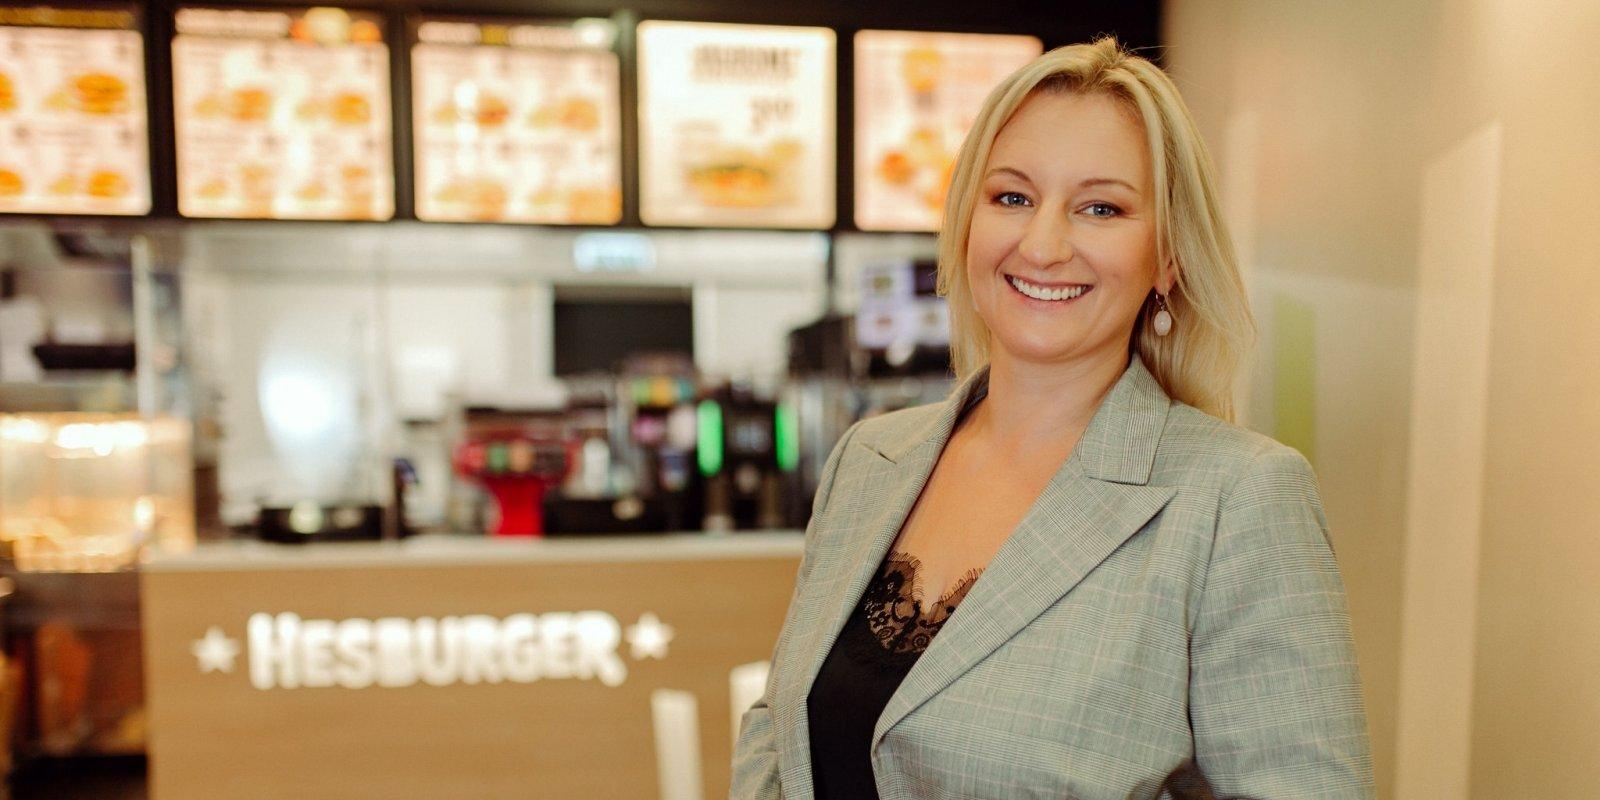 Personība biznesā: 'Hesburger' starptautiskā biznesa attīstības direktore Ieva Salmela